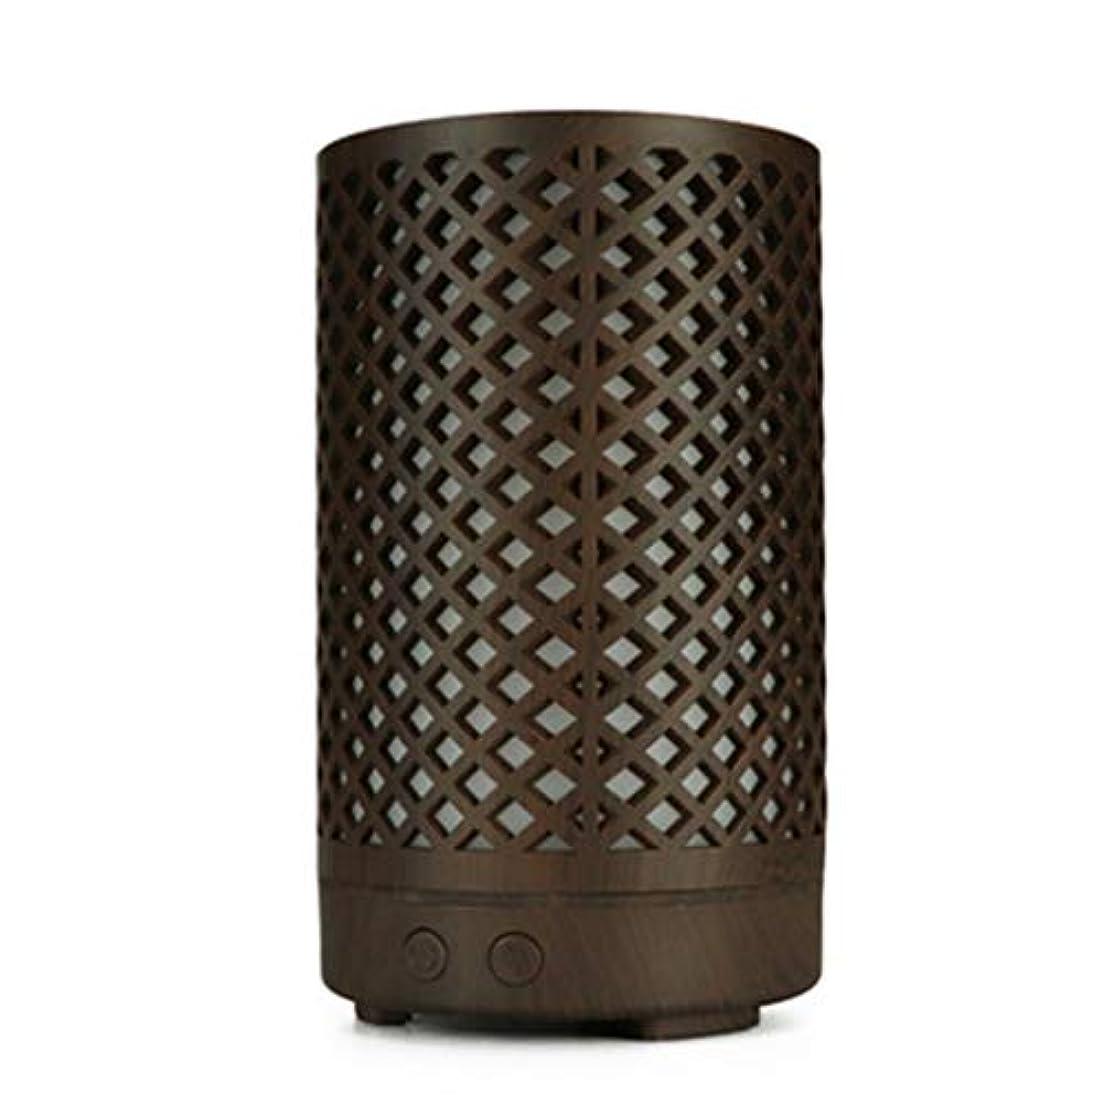 効率戸口まっすぐにする木目加湿器家庭用100ミリリットルミニデスクトップカラフルなアロマテラピーマシン (Color : Dark wood grain)